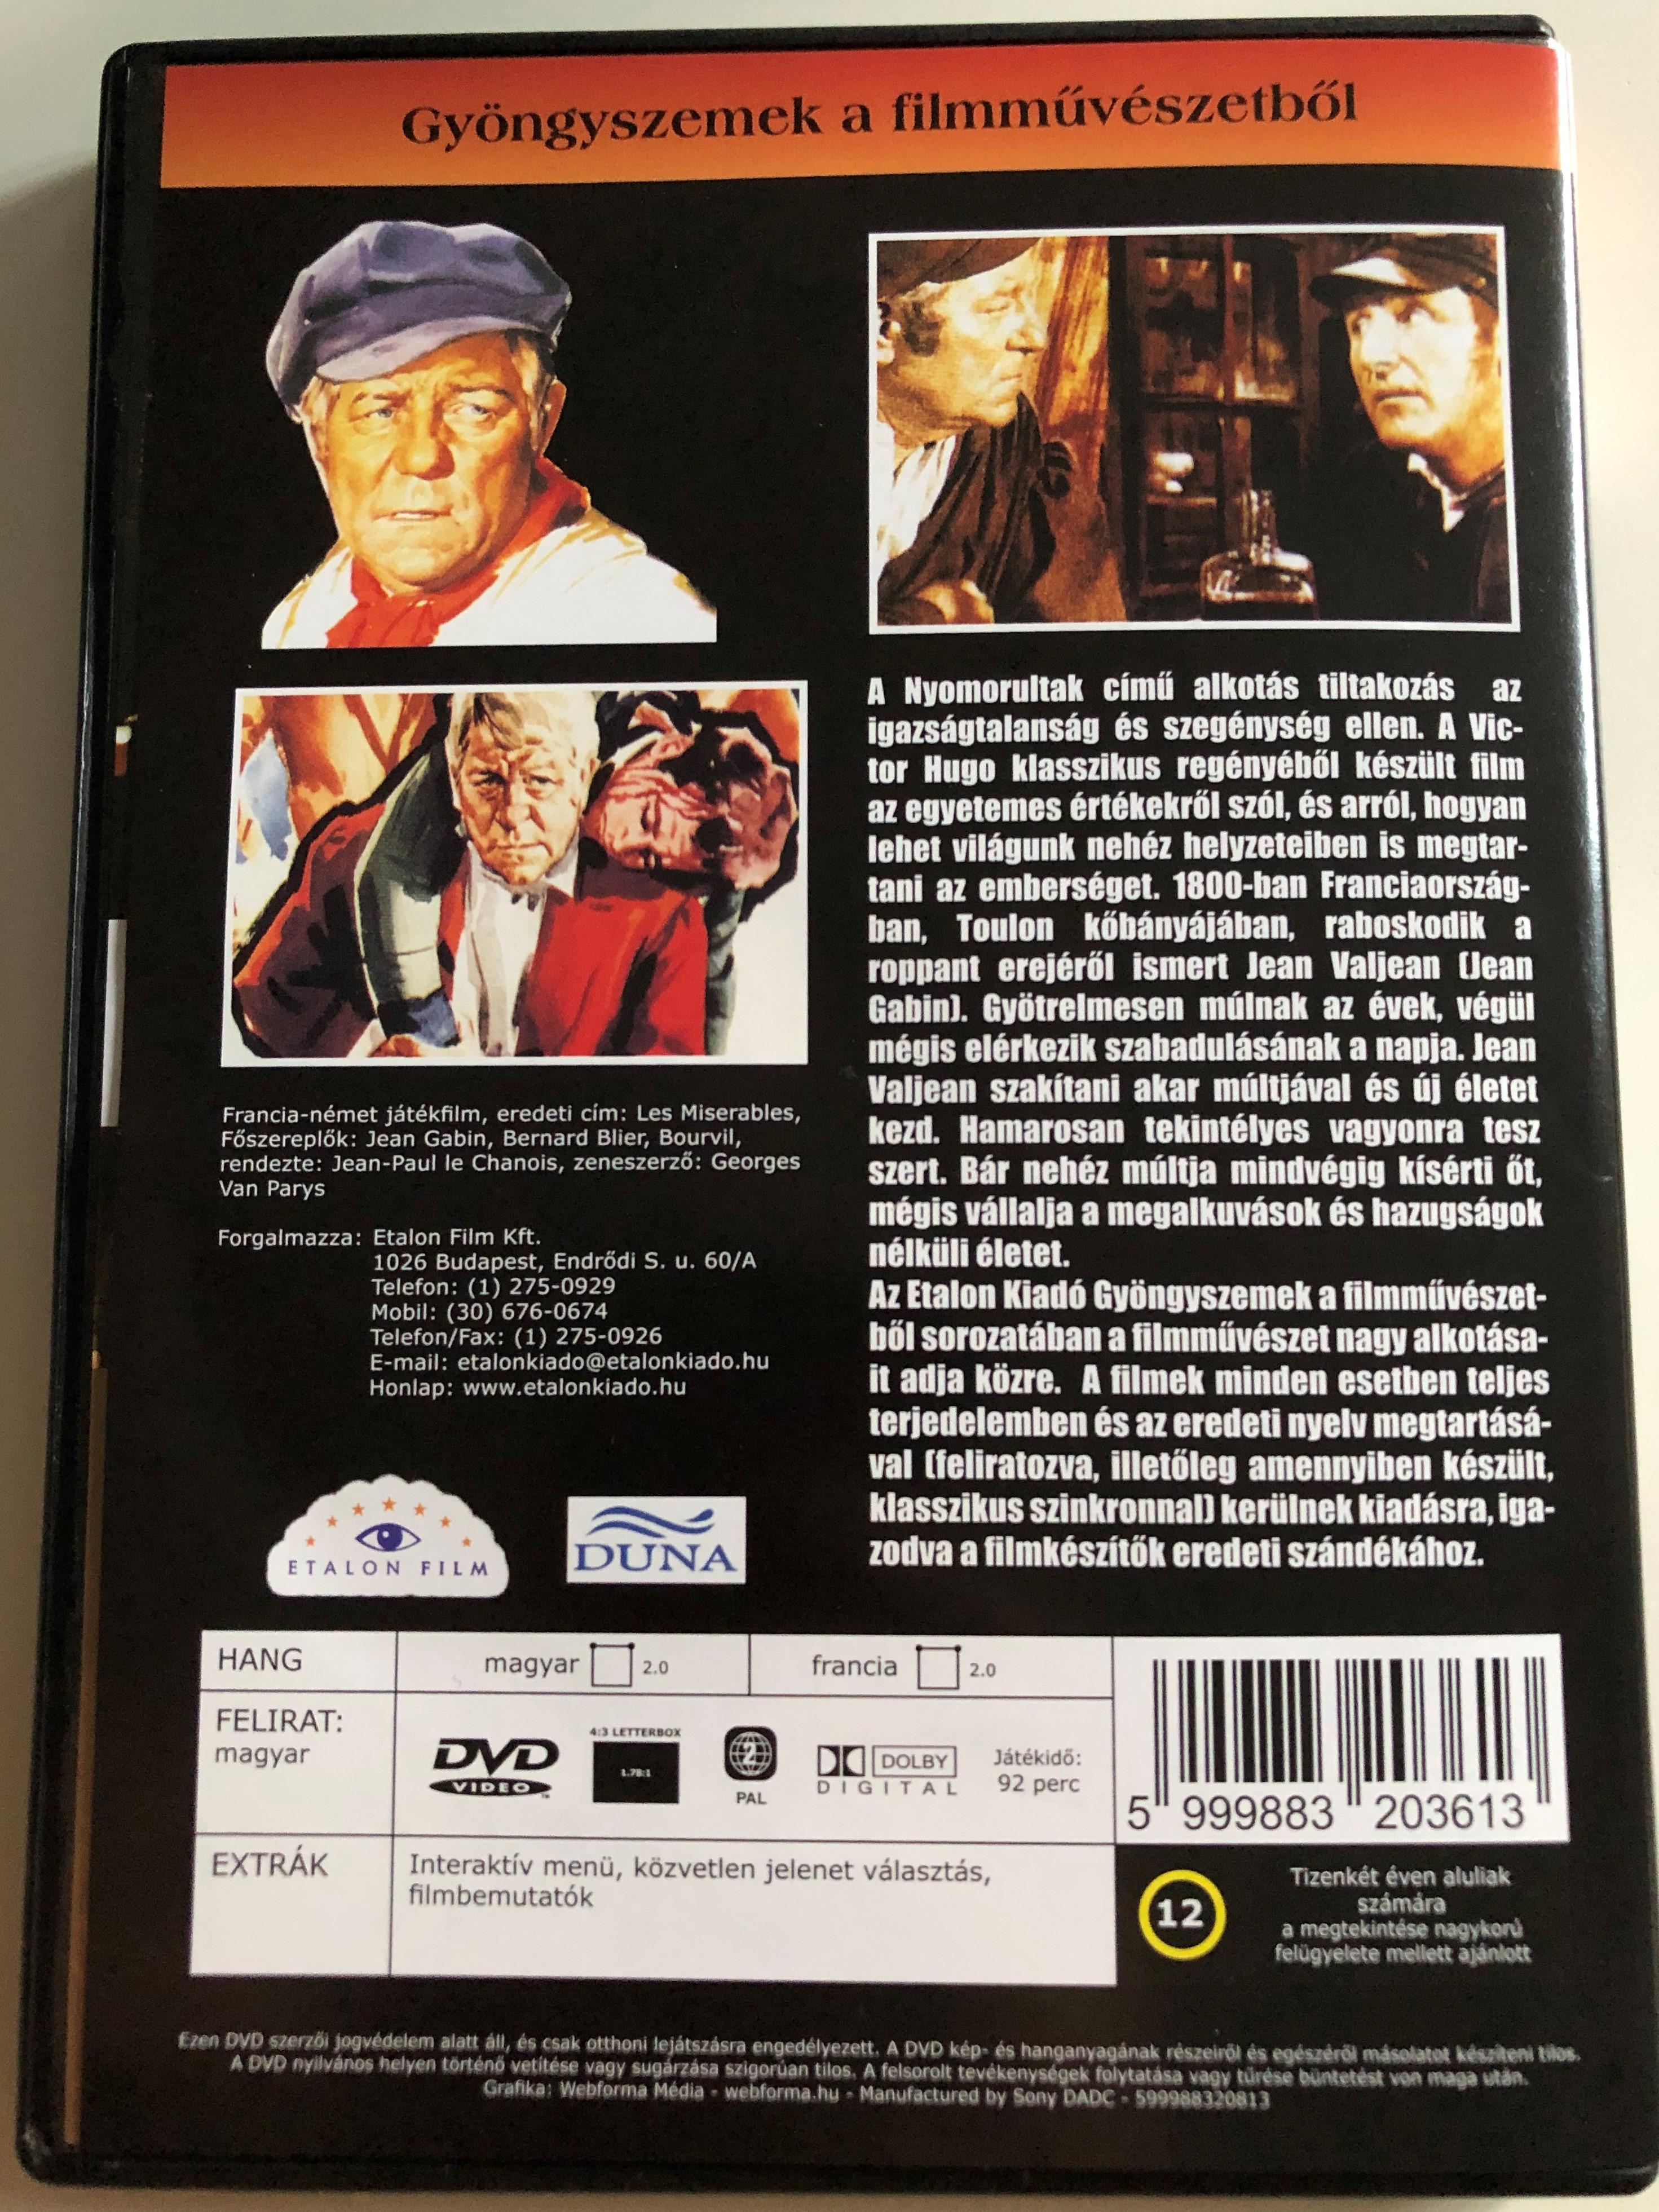 les-miserables-i.-dvd-1958-a-nyomorultak-i.-r-sz-directed-by-jean-paul-le-chanois-starring-jean-gabin-bernart-blier-bourvil-gy-ngyszemek-a-filmm-v-szetb-l-2-.jpg